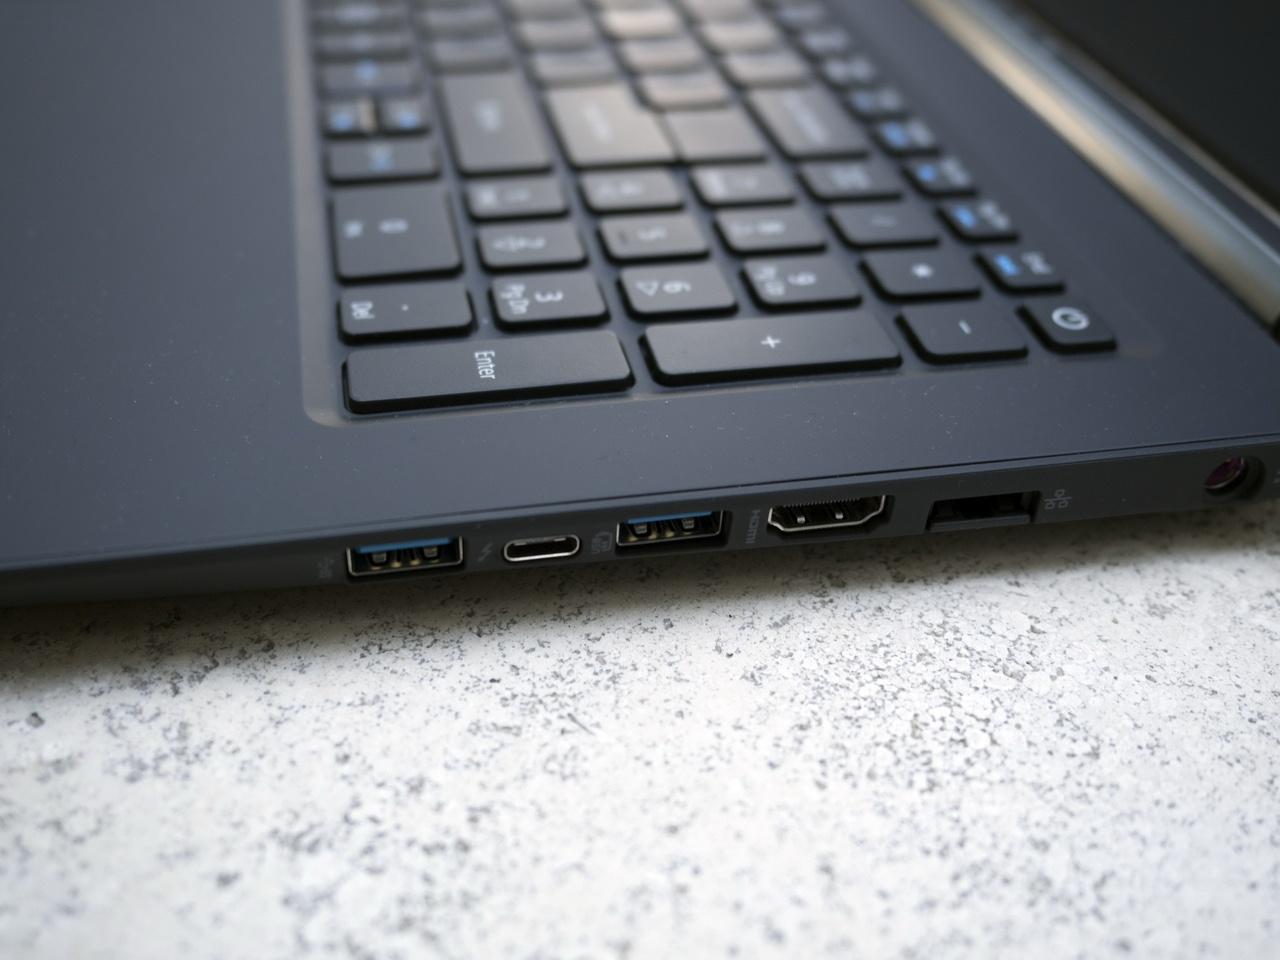 Acer на CES 2016: мониторы, планшеты, игровые ноутбуки и ультрамобильный трансформер - 22